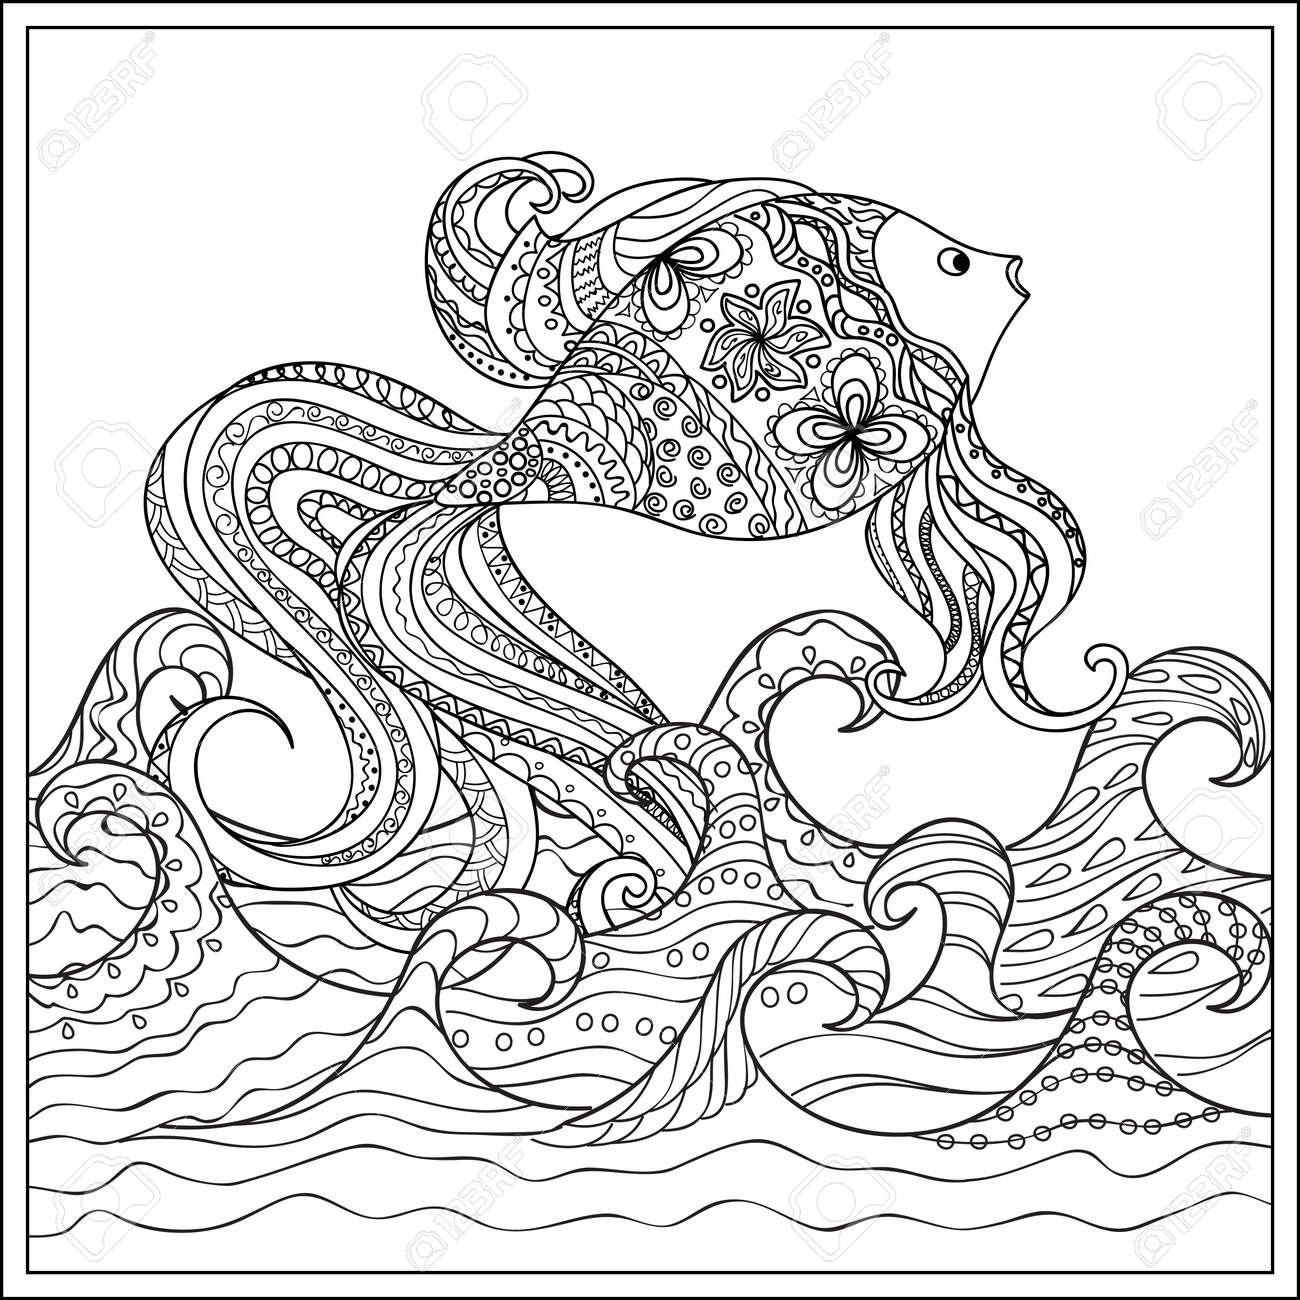 Dibujado A Mano Decorado Peces En El Océano Con Olas. Imagen Para ...